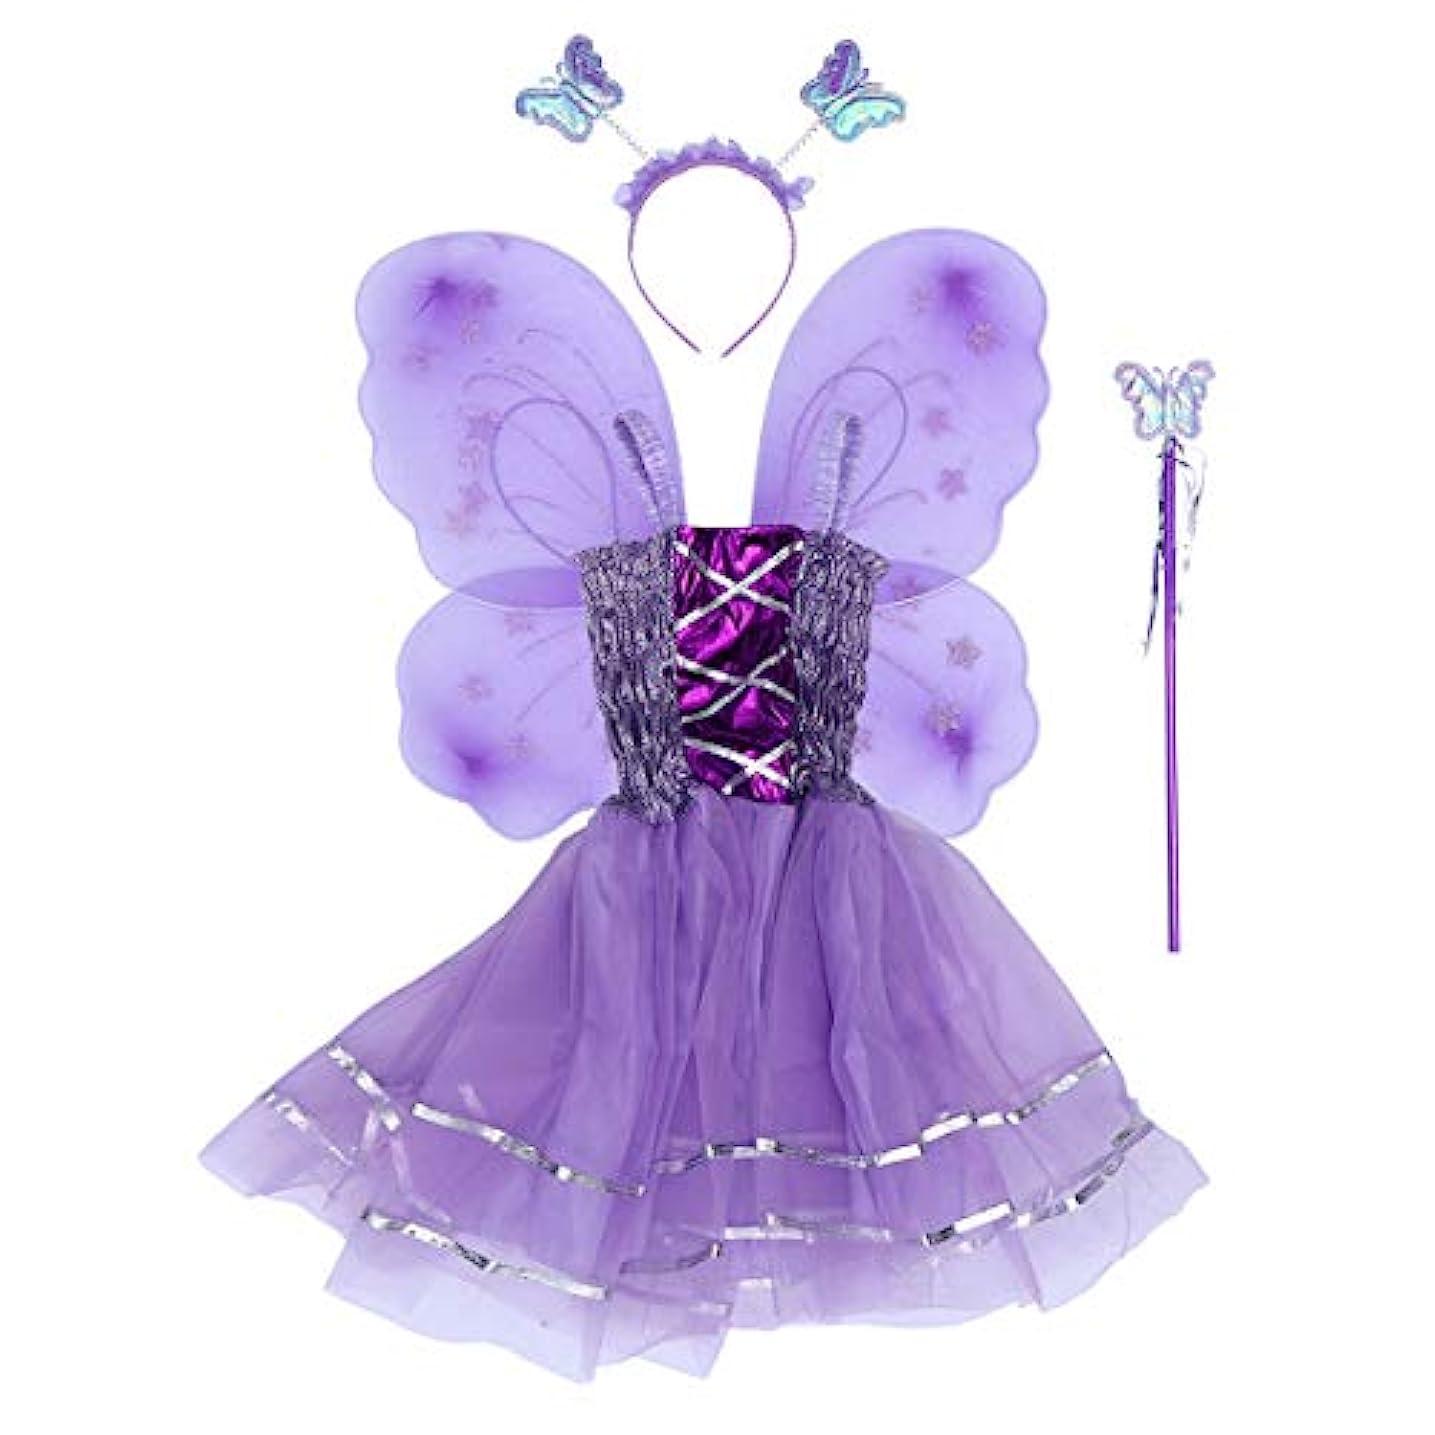 仲介者また明日ねロシアBESTOYARD 4個の女の子バタフライプリンセス妖精のコスチュームセットバタフライウィング、ワンド、ヘッドバンドとツツードレス(バイオレット)